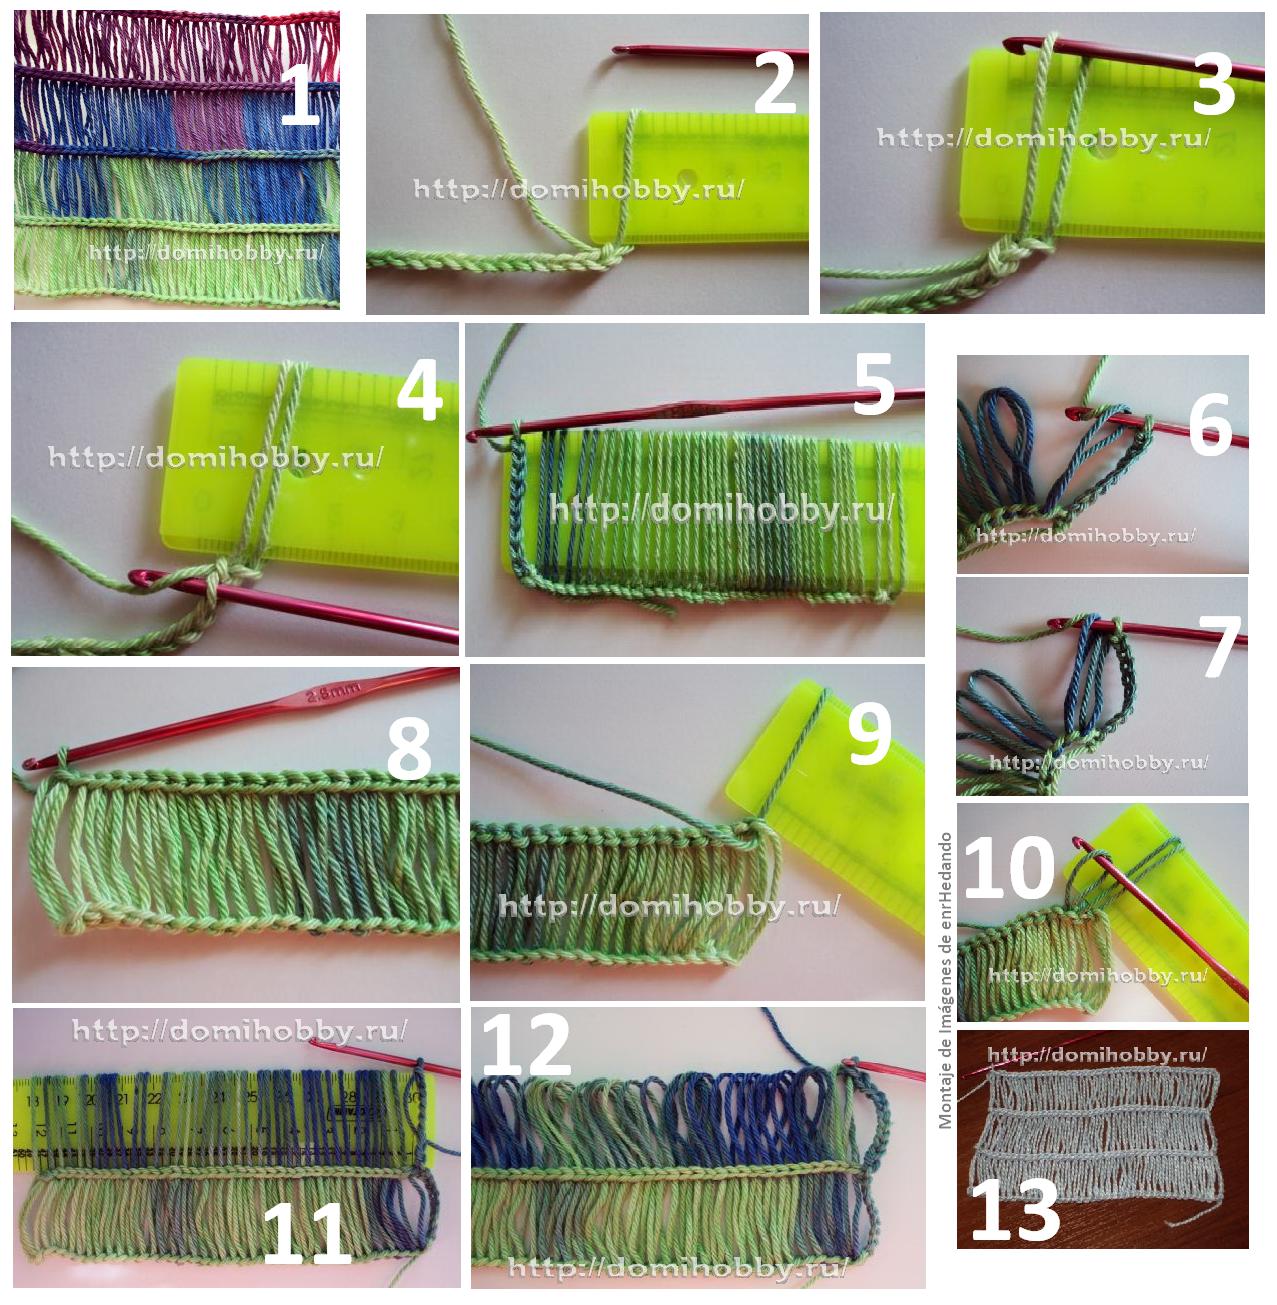 tejer, telares, reglas, telar, labores, diys, manualidades